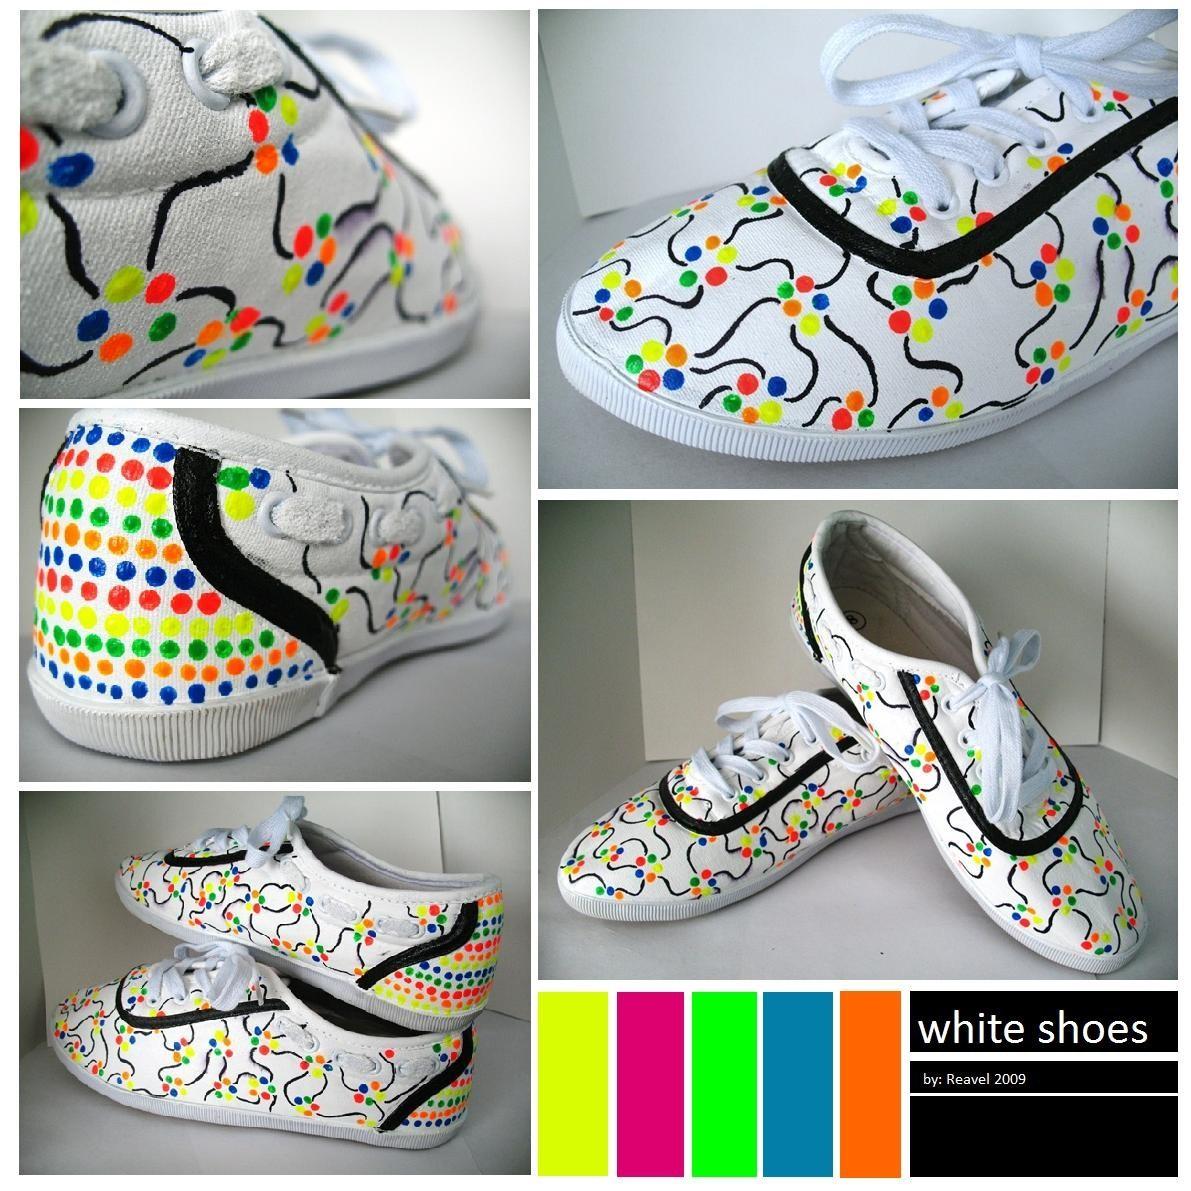 whiteshoes